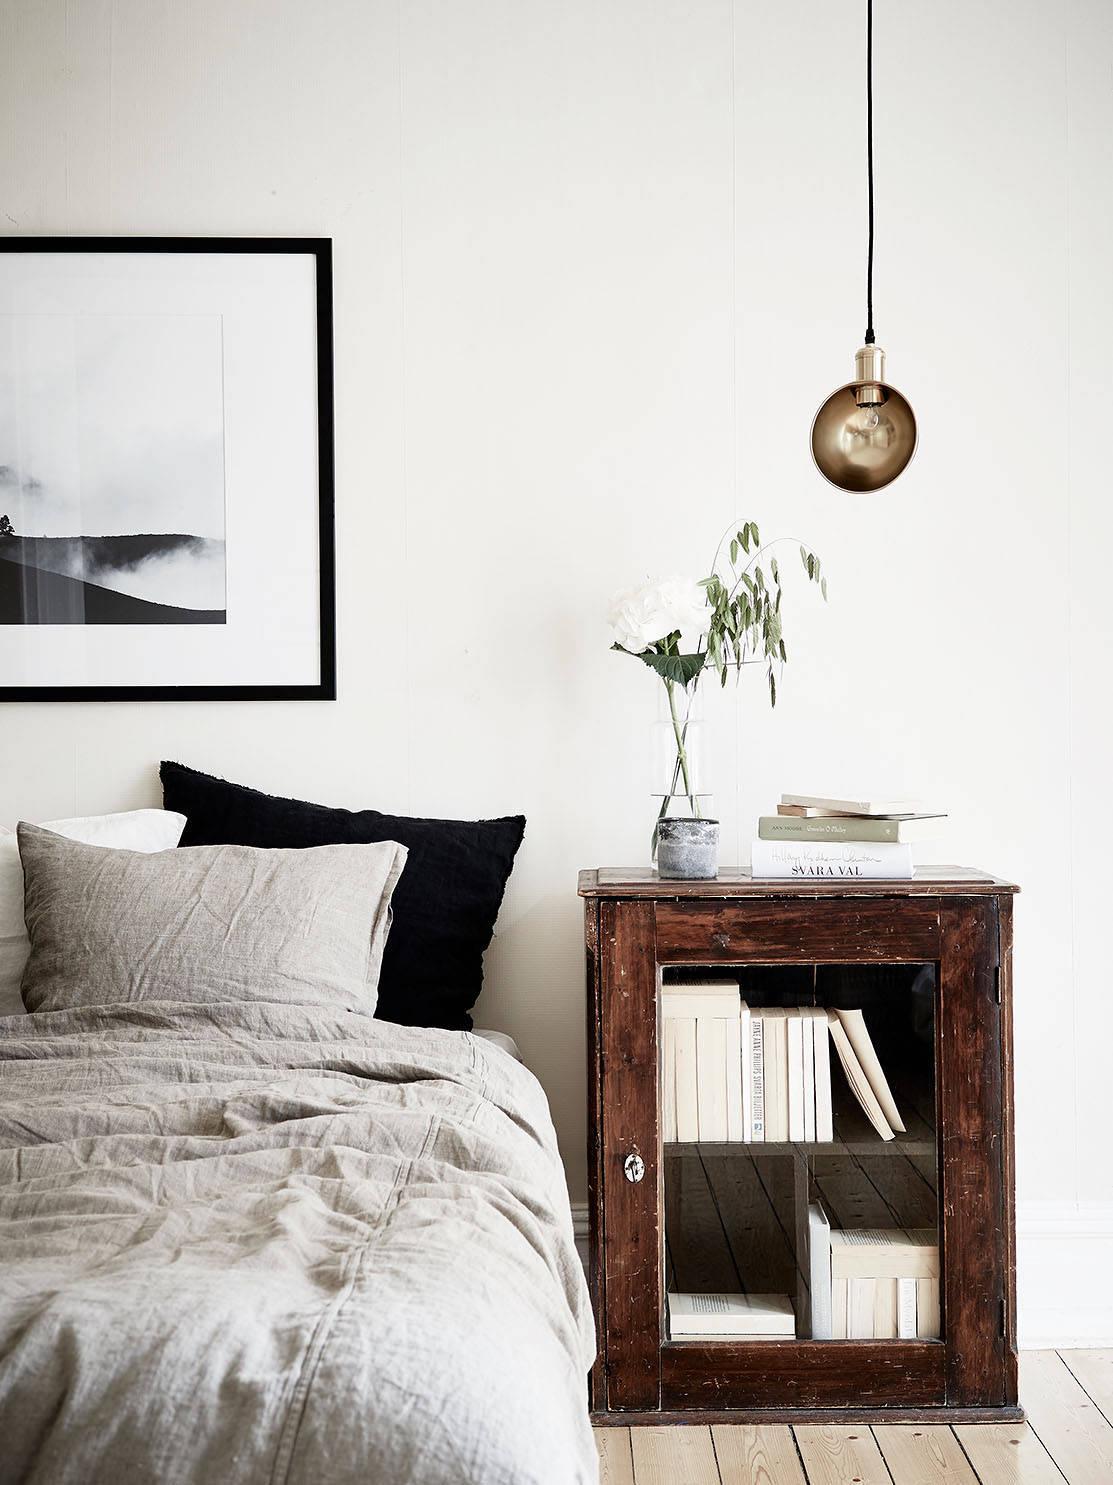 muebles antiguos en el dormitorio